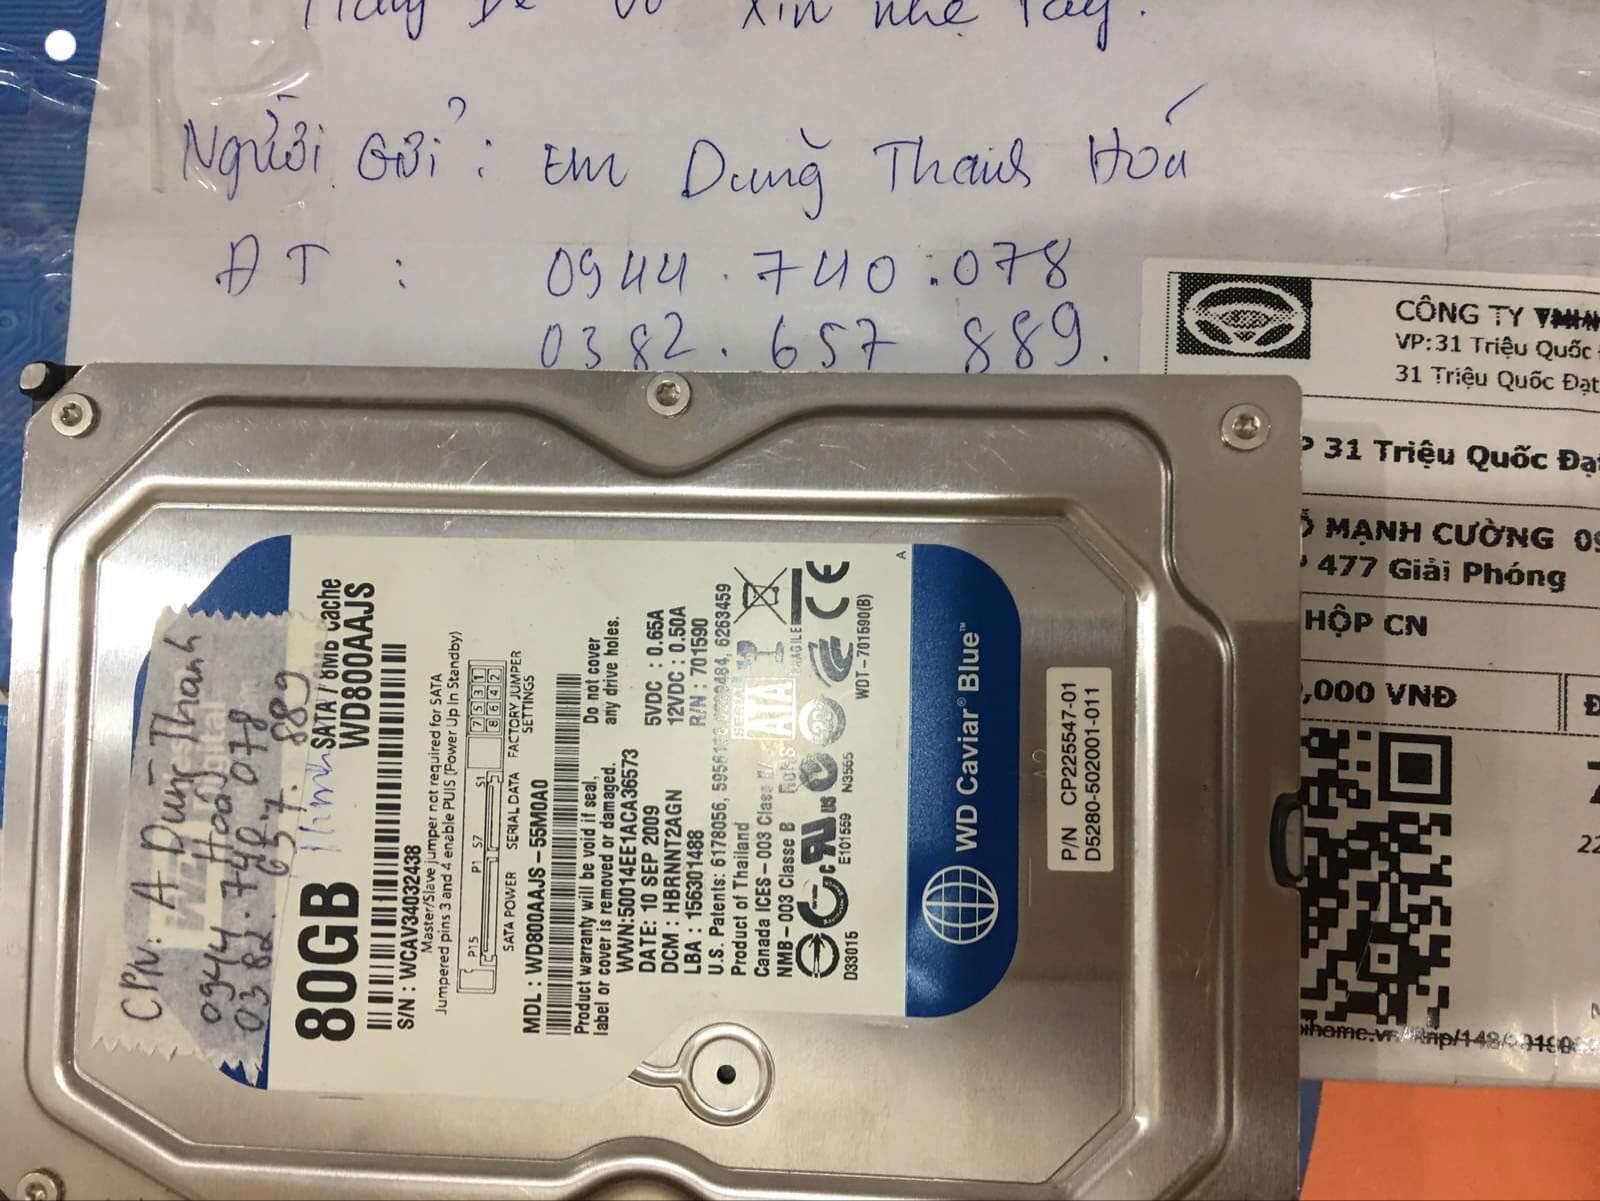 Lấy dữ liệu ổ cứng Western 80GB lỗi đầu đọc tại Thanh hóa 09/07/2019 - cuumaytinh